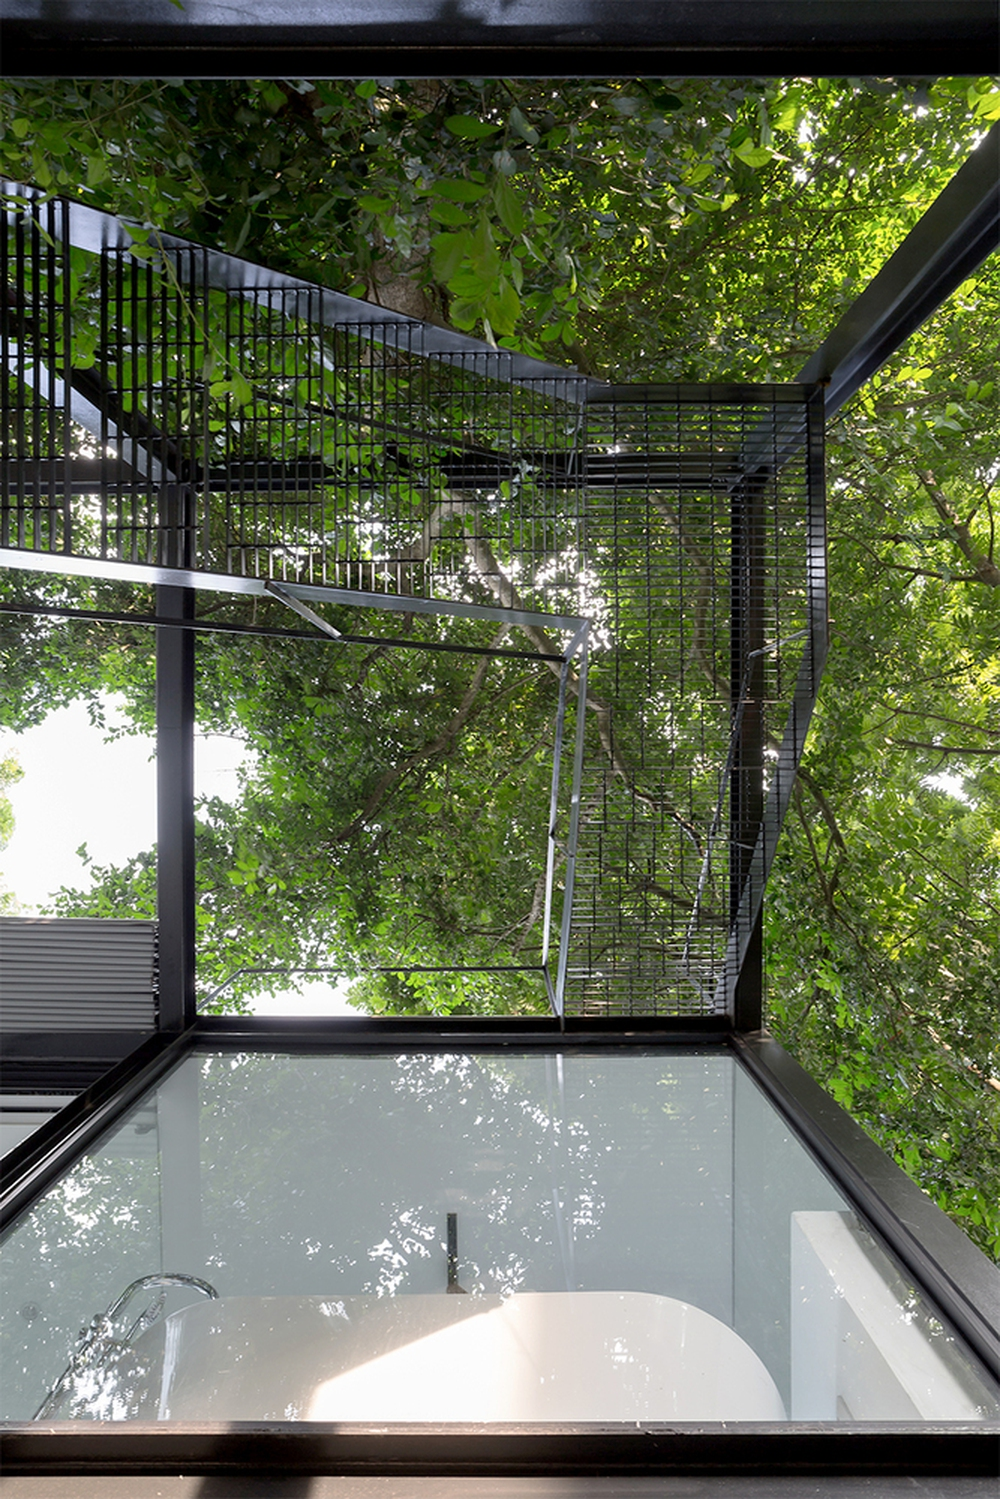 Ngôi nhà nhỏ với bụi chuối, bờ tre ở Ngọc Thụy - Long Biên đẹp lạ trên báo Mỹ - Ảnh 4.